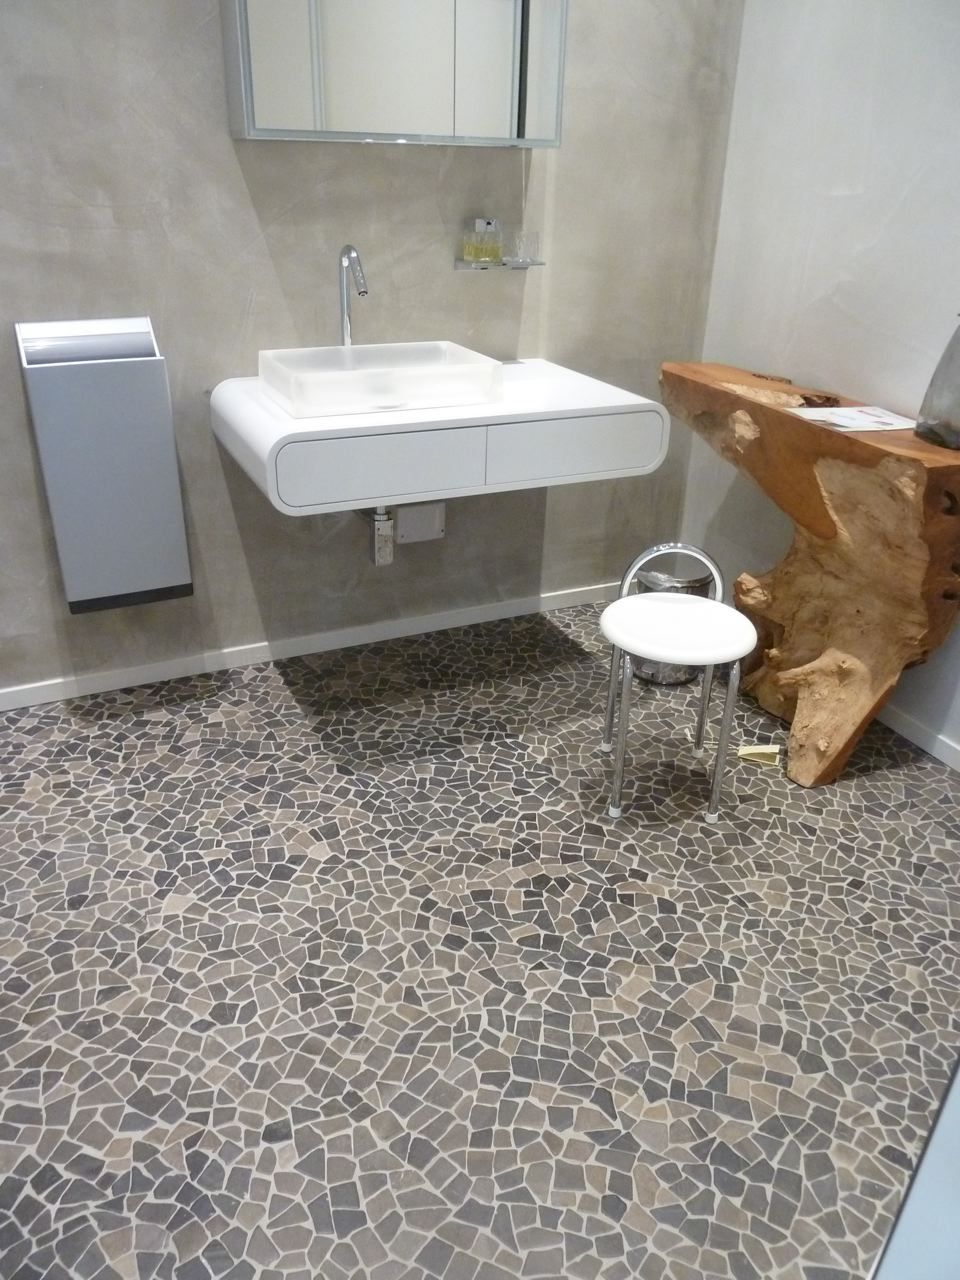 Badkamer vloertegels digtotaal - Badkamer imitatie vloertegels ...